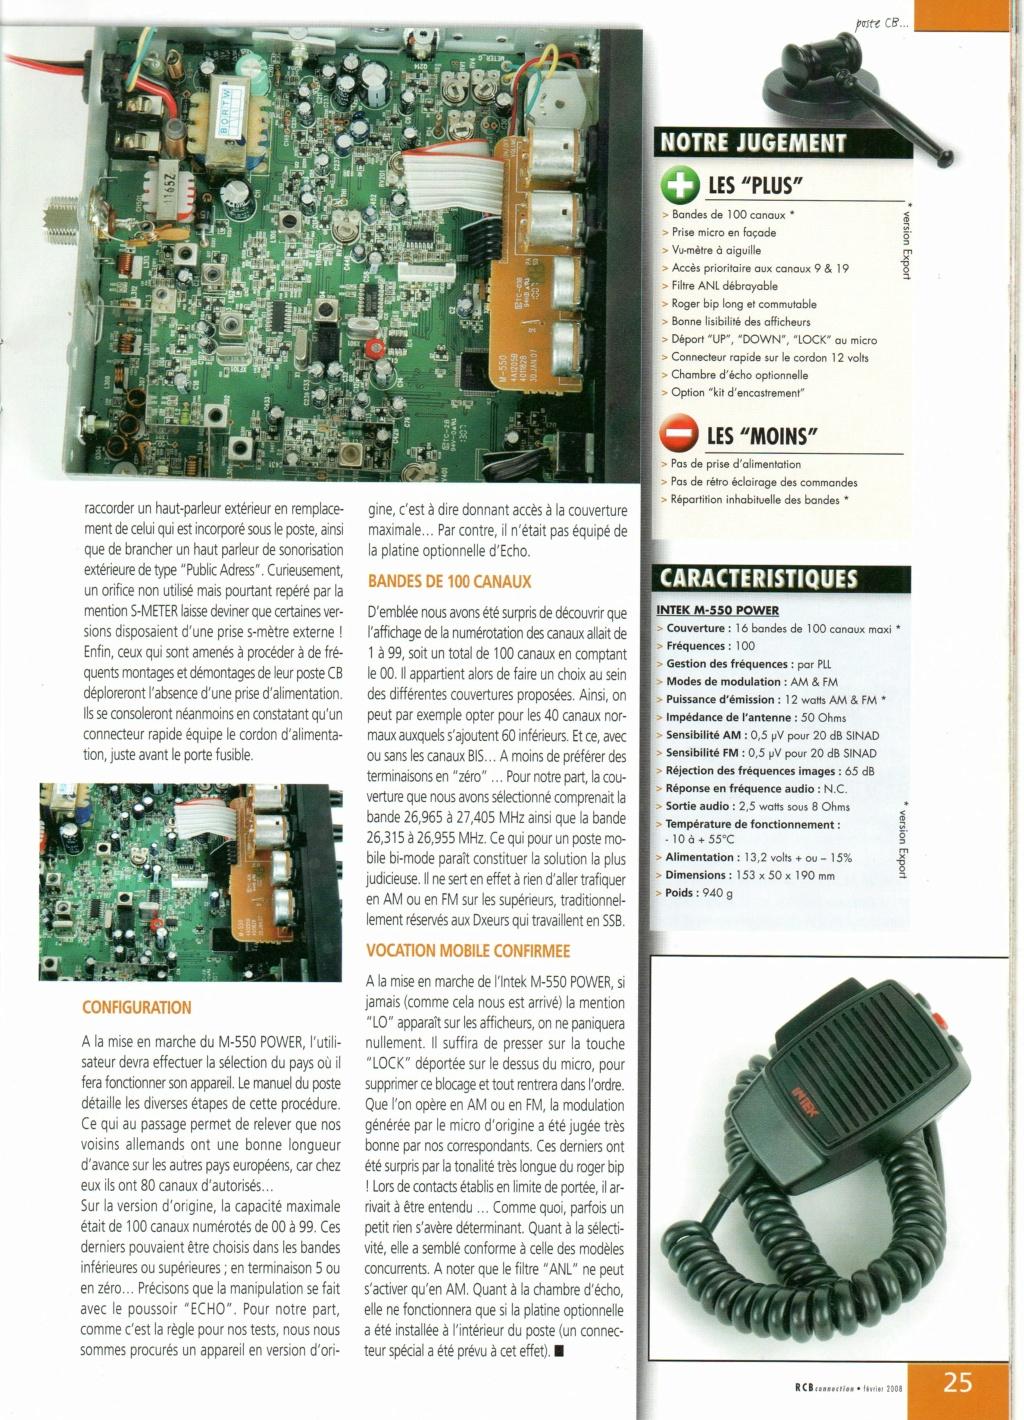 power - Intek M-550 Power (Mobile) Img65612